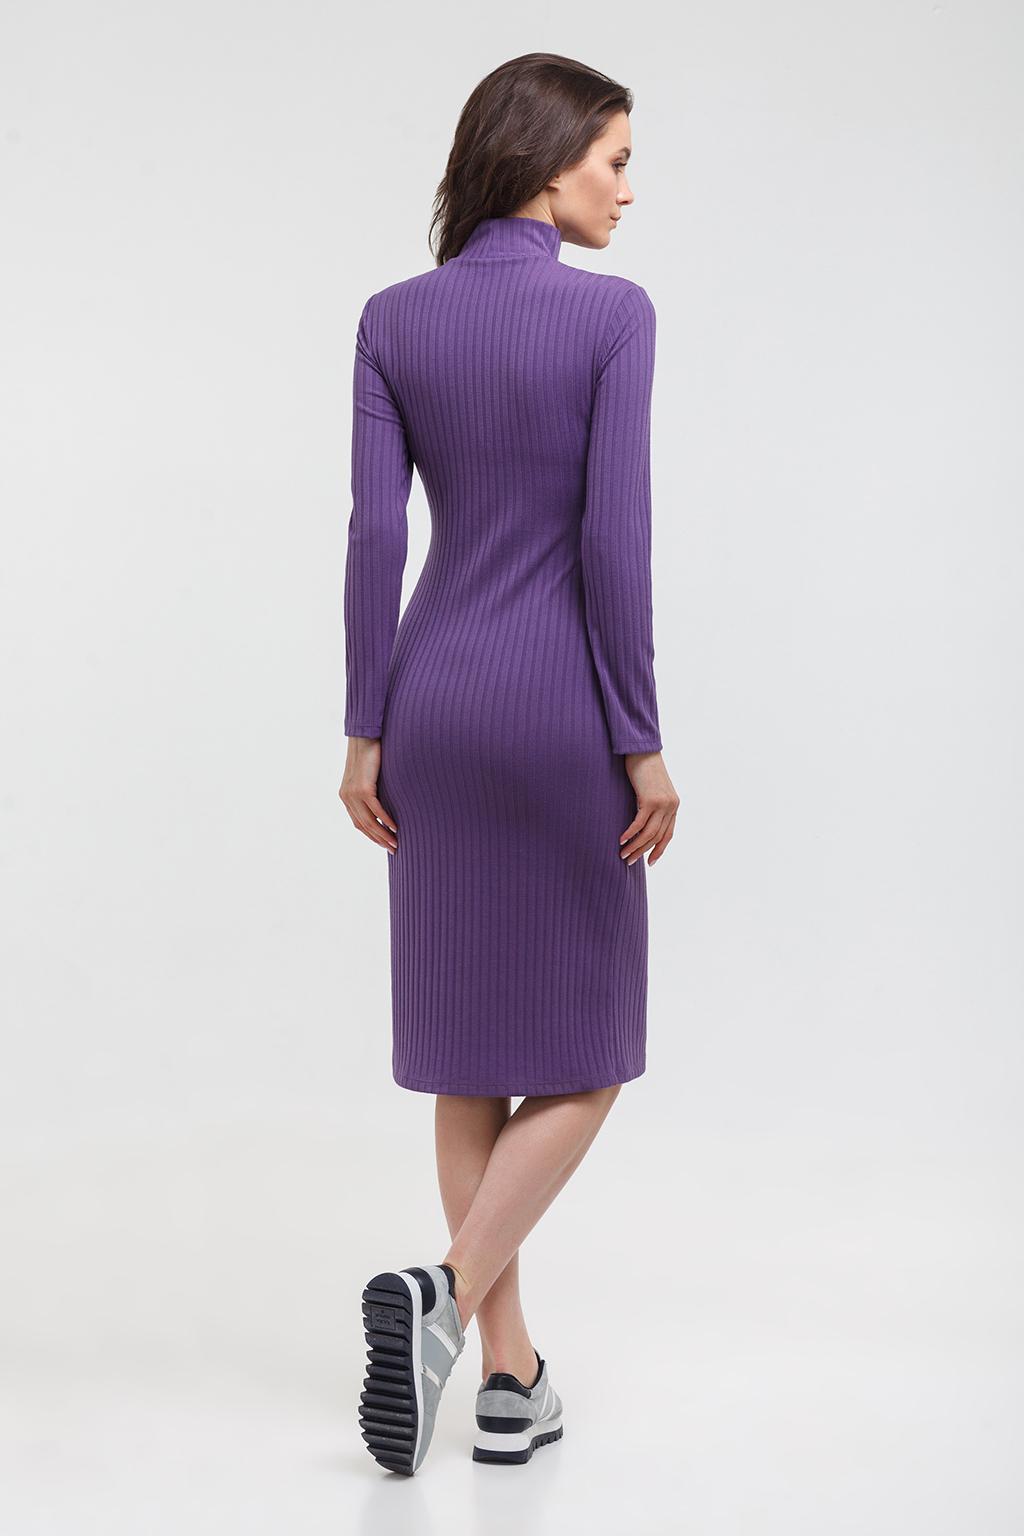 Платье-водолазка для будущих и кормящих мам - Фото 6